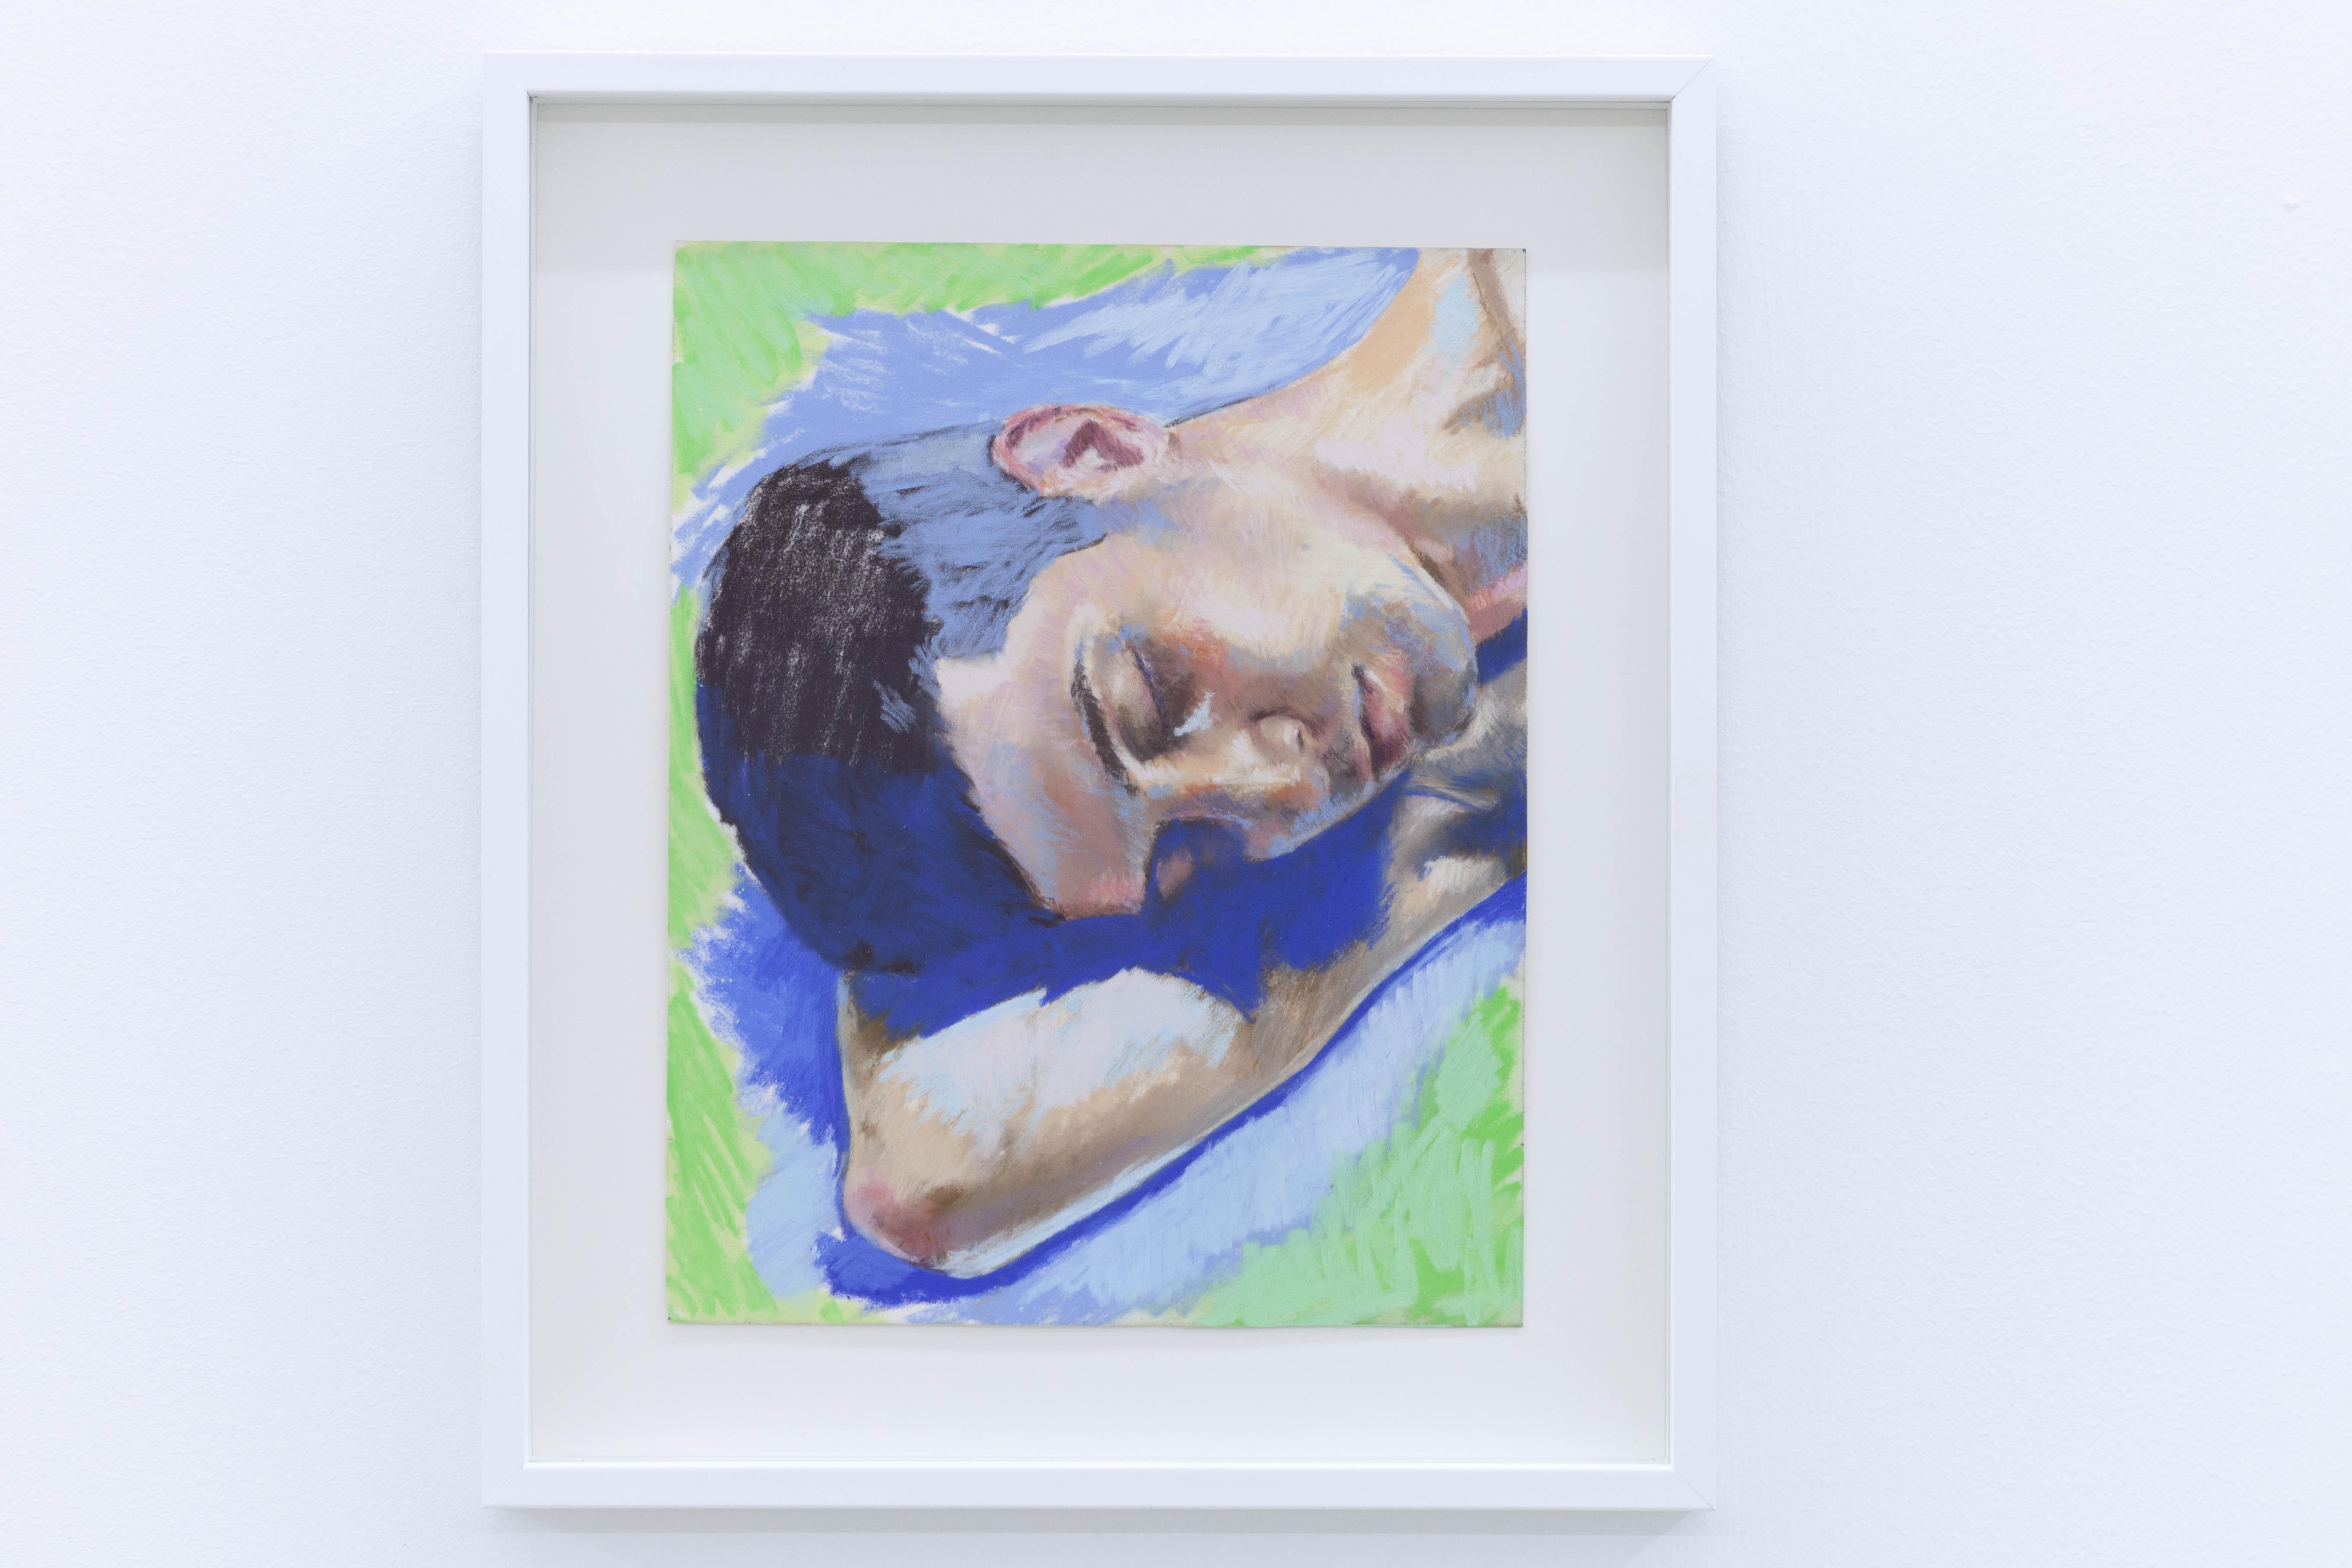 Sabrine, étude, 2020, pastel sec sur papier, 24 x 19 cm_photo Julie Coulon_web_2